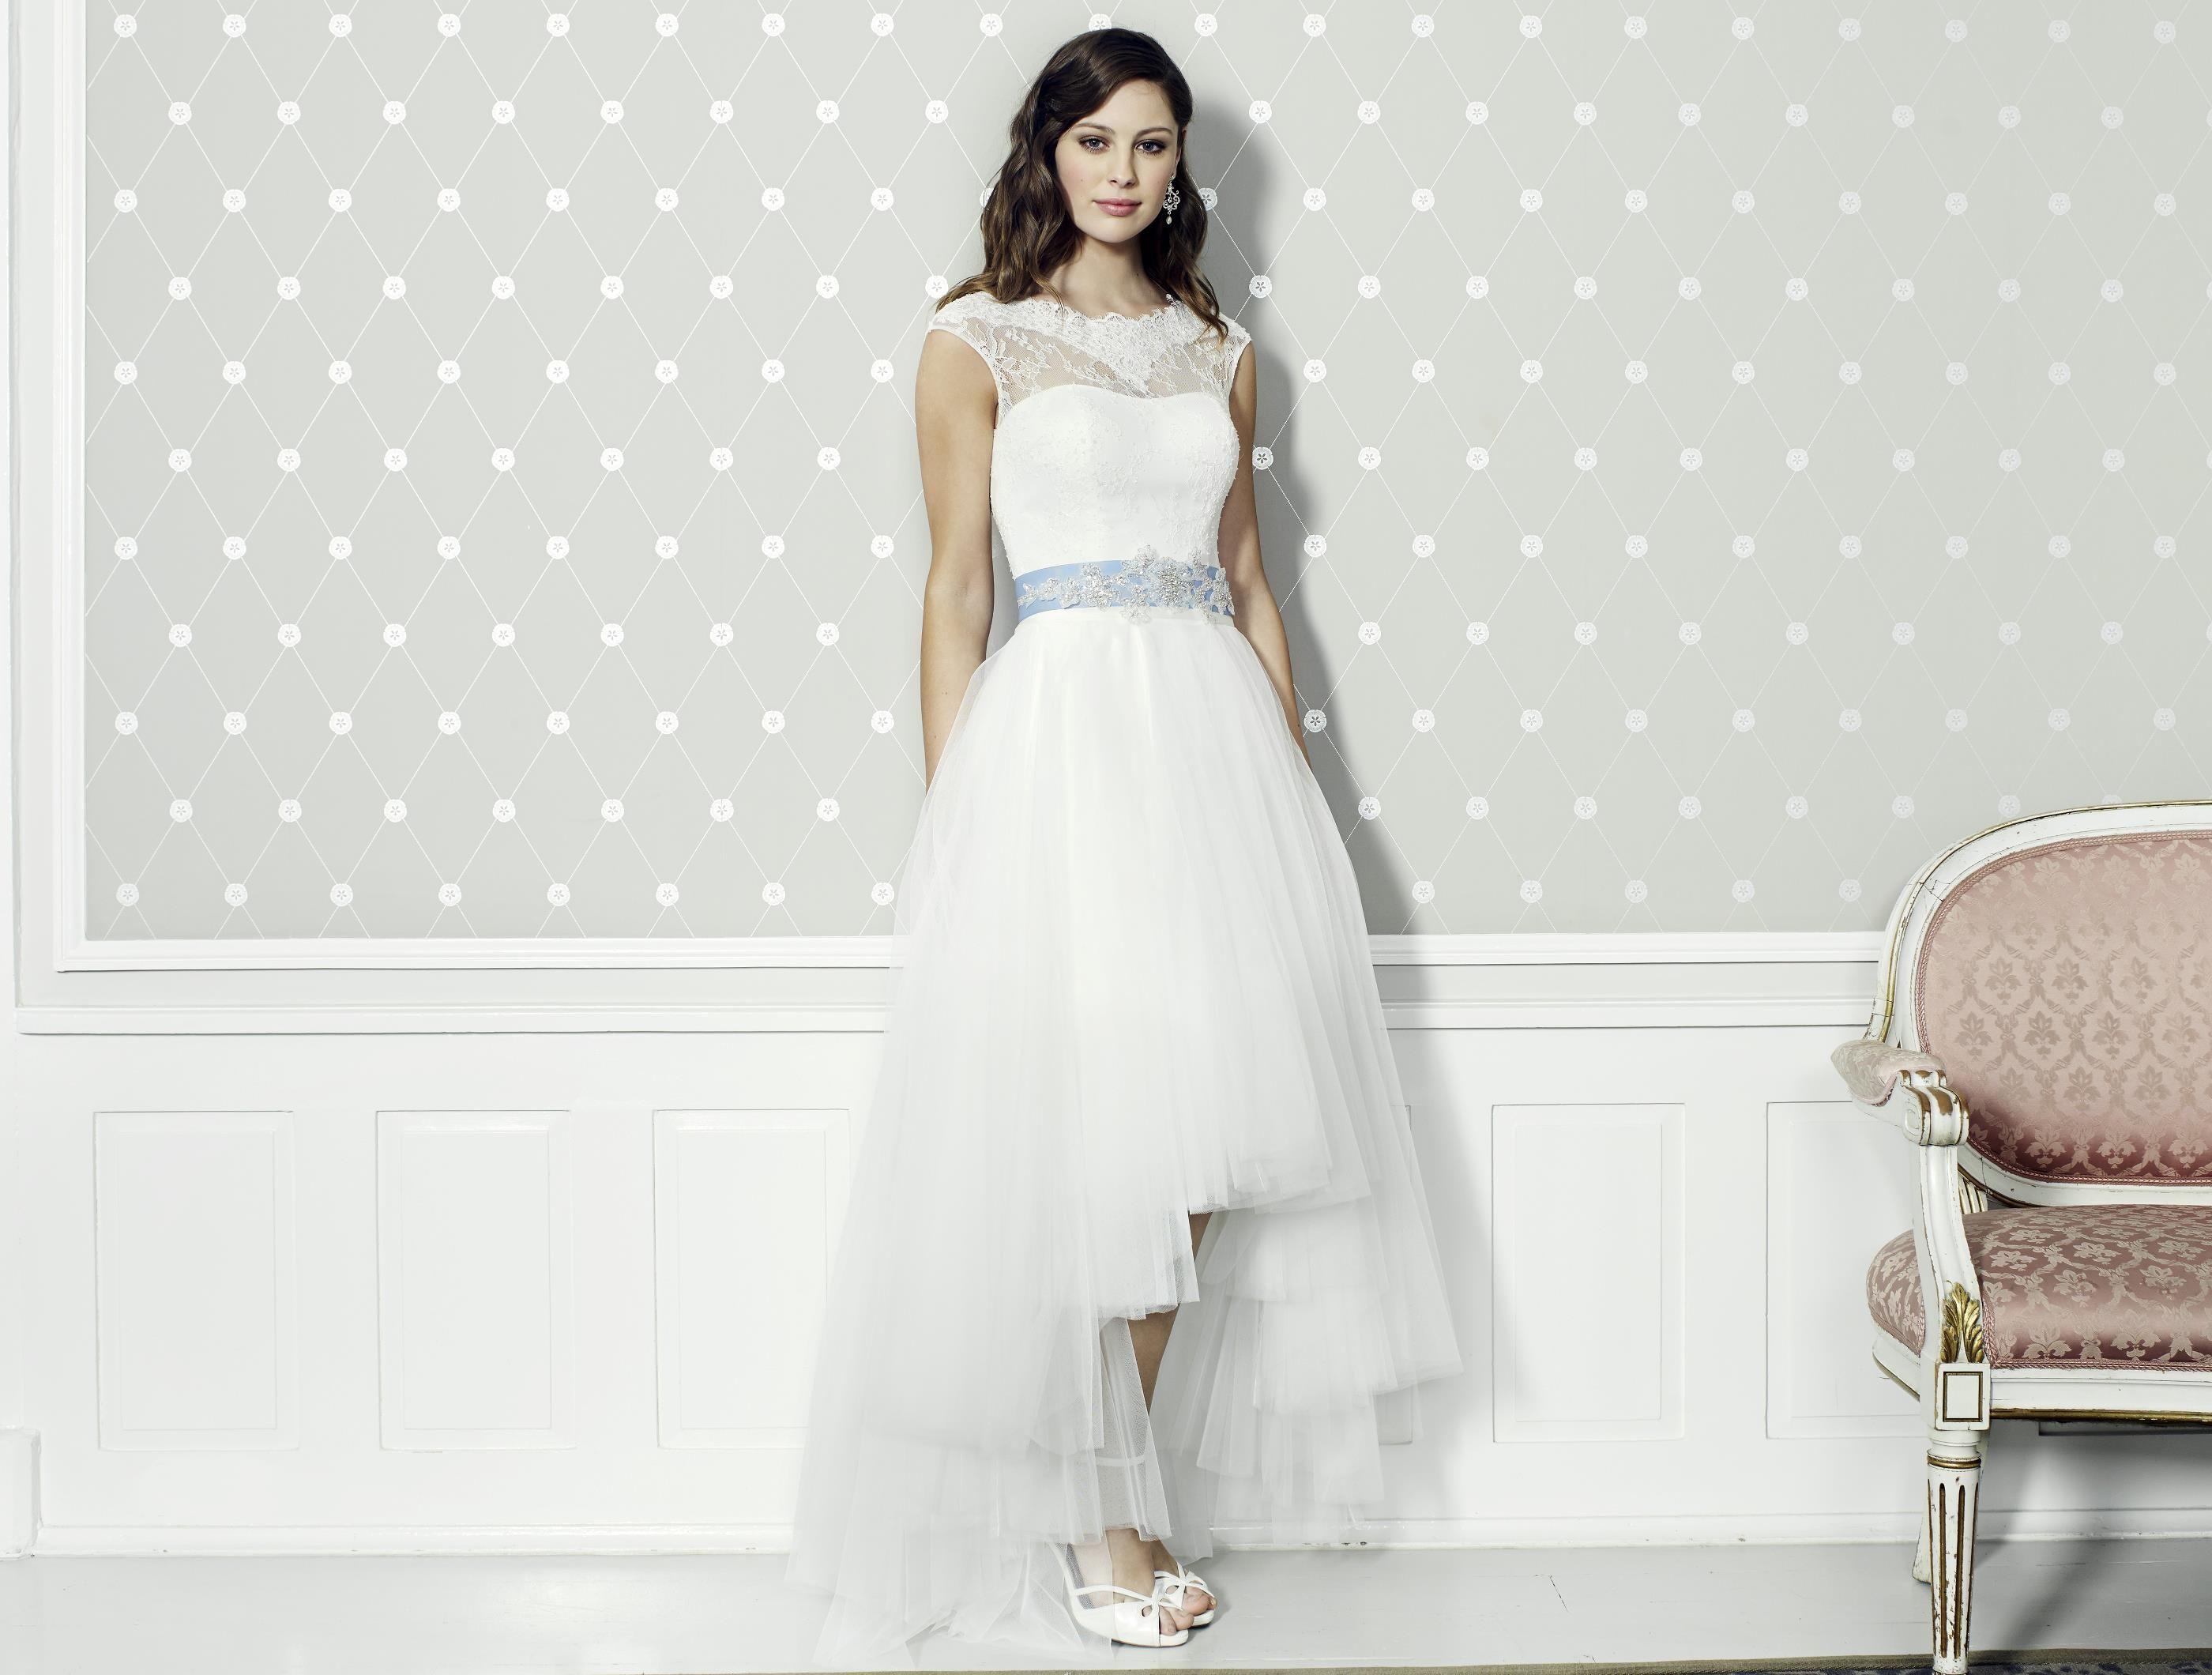 Brautkleid | hochzeitskleid kurz | Pinterest | Hochzeitskleid und ...